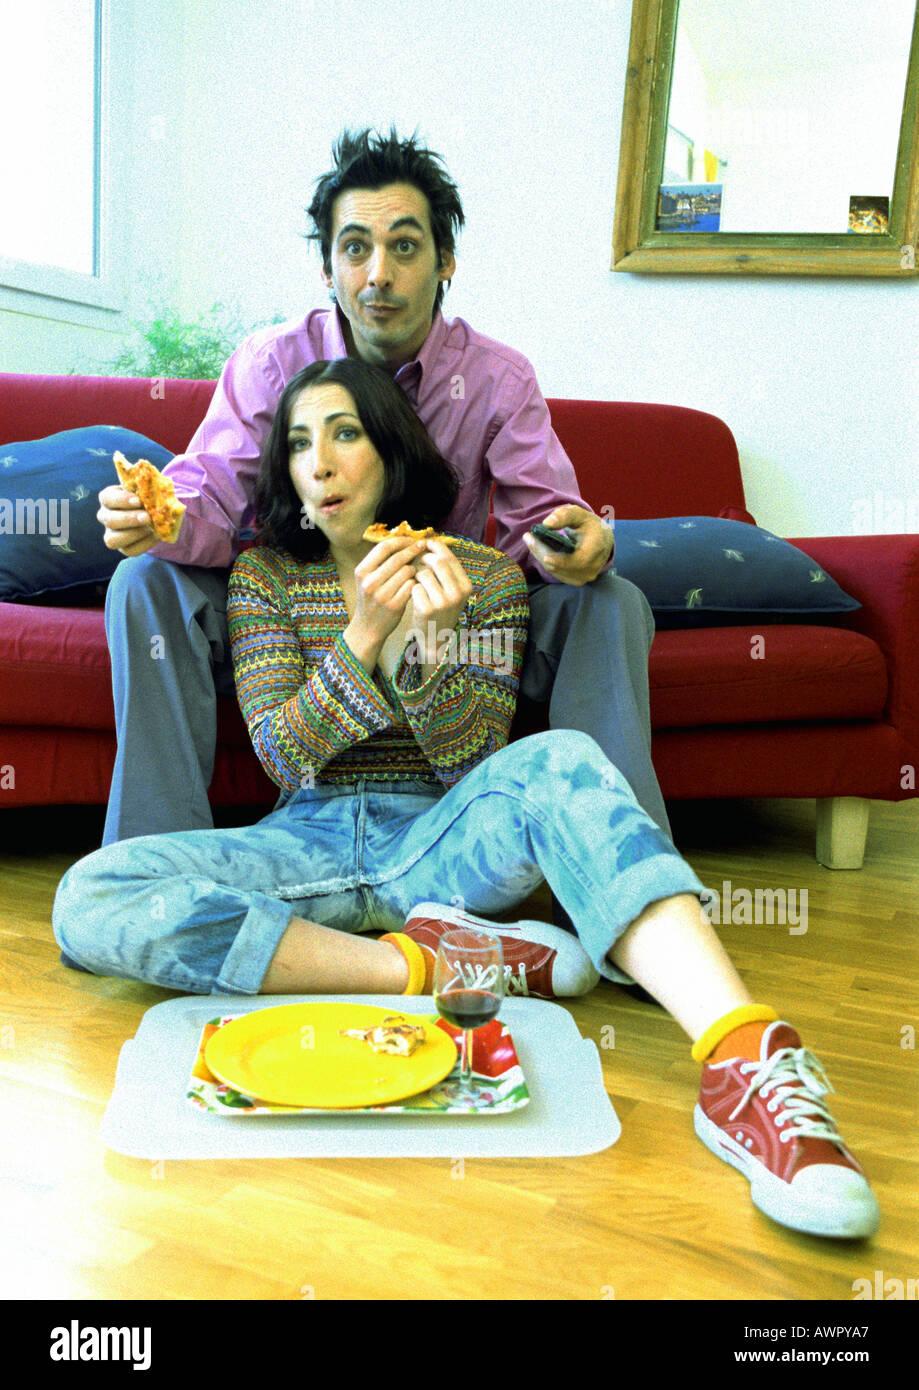 Man, woman sitting on floor entre les jambes de l'homme. Banque D'Images